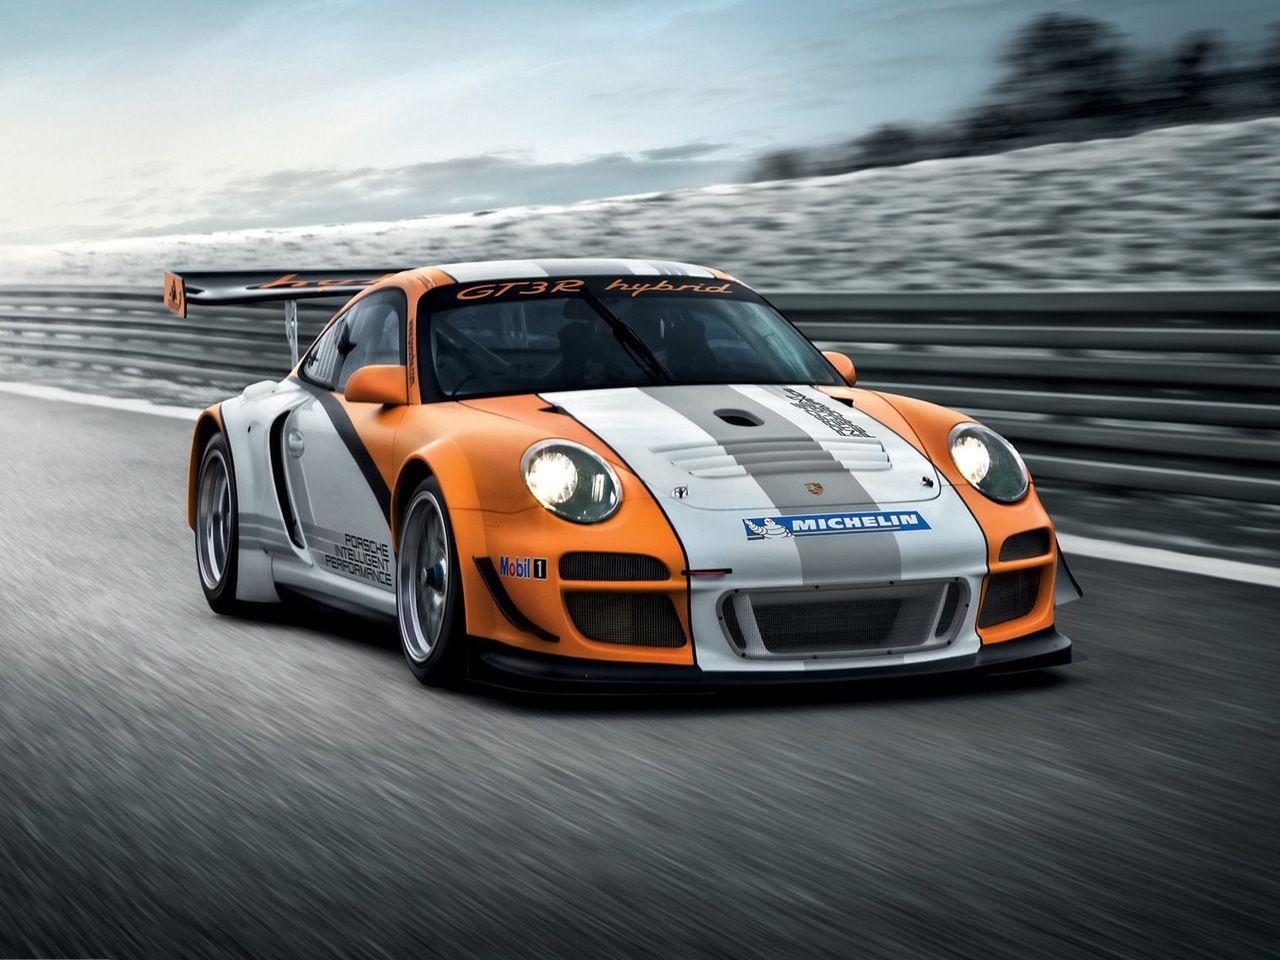 34350 скачать обои Транспорт, Машины, Порш (Porsche) - заставки и картинки бесплатно